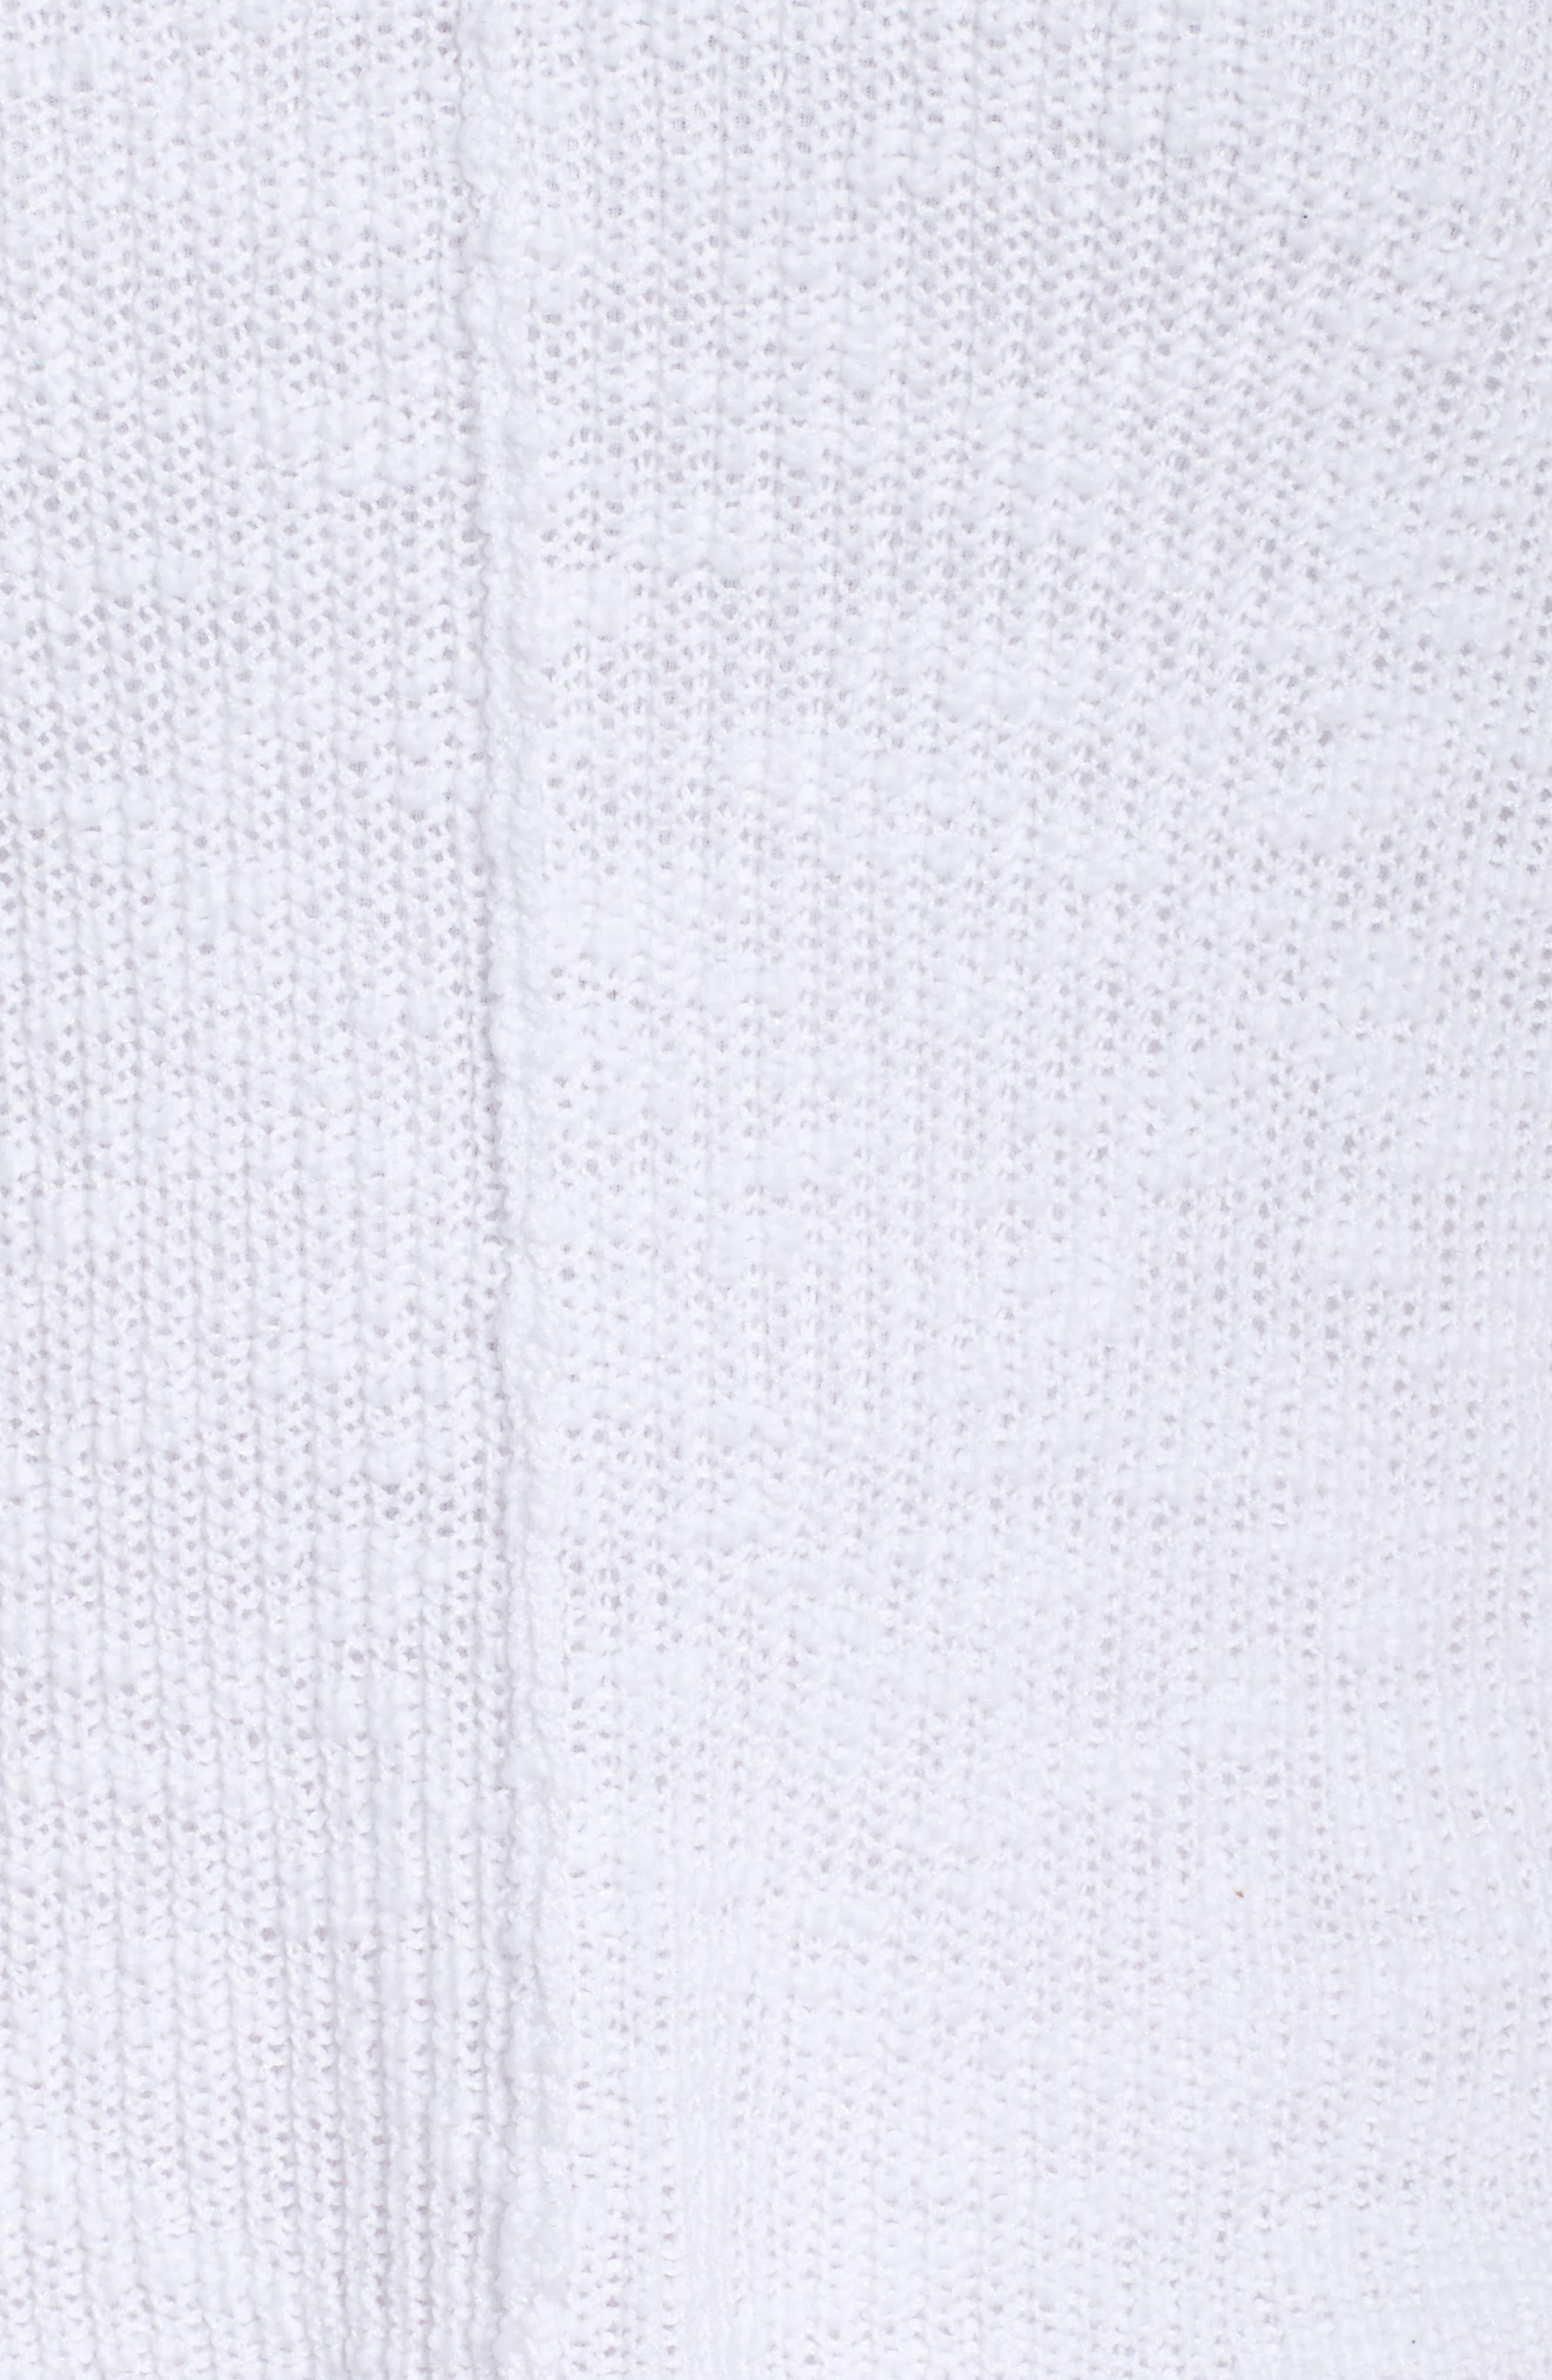 Hidden Snap V-Neck Sweater,                             Alternate thumbnail 6, color,                             White